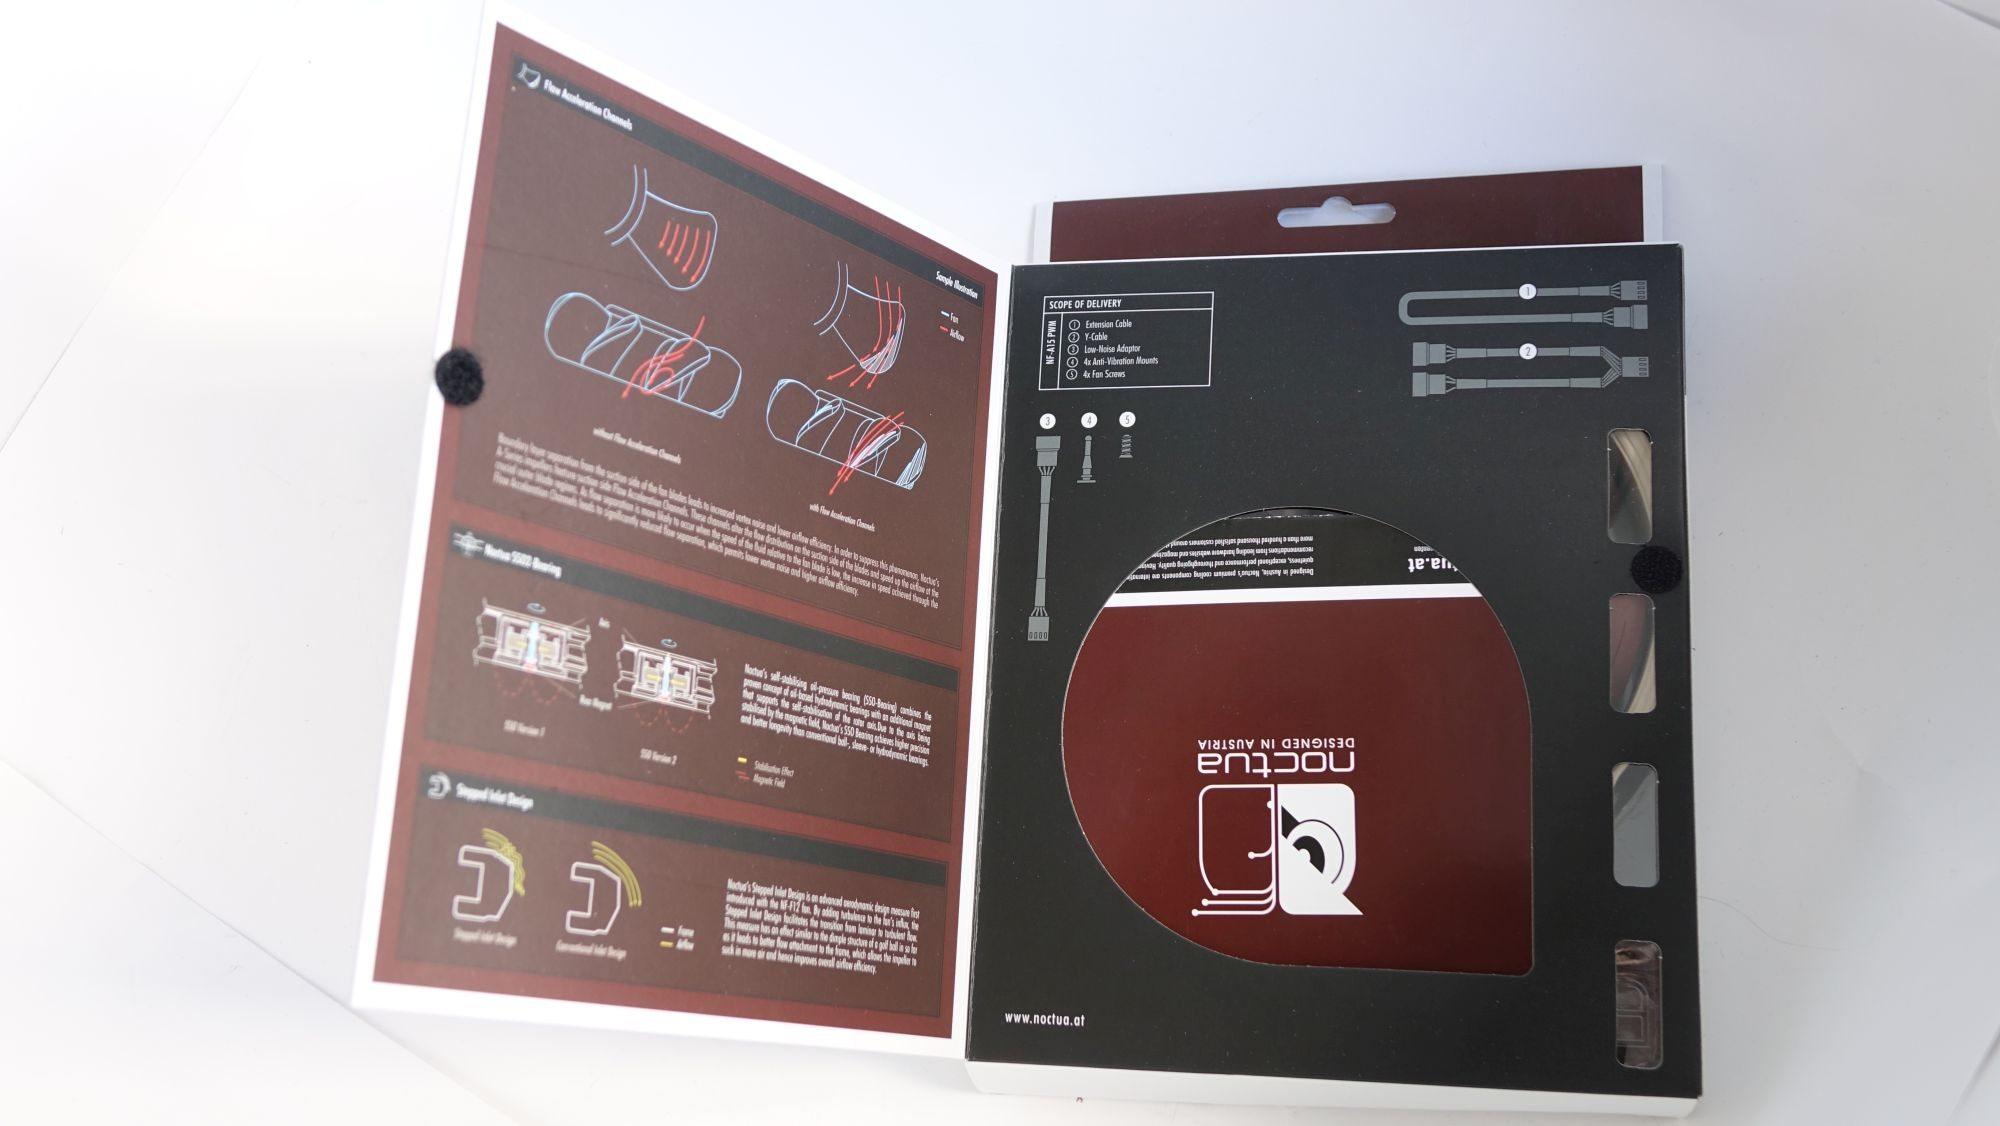 Noctua NF-A15 PWM box